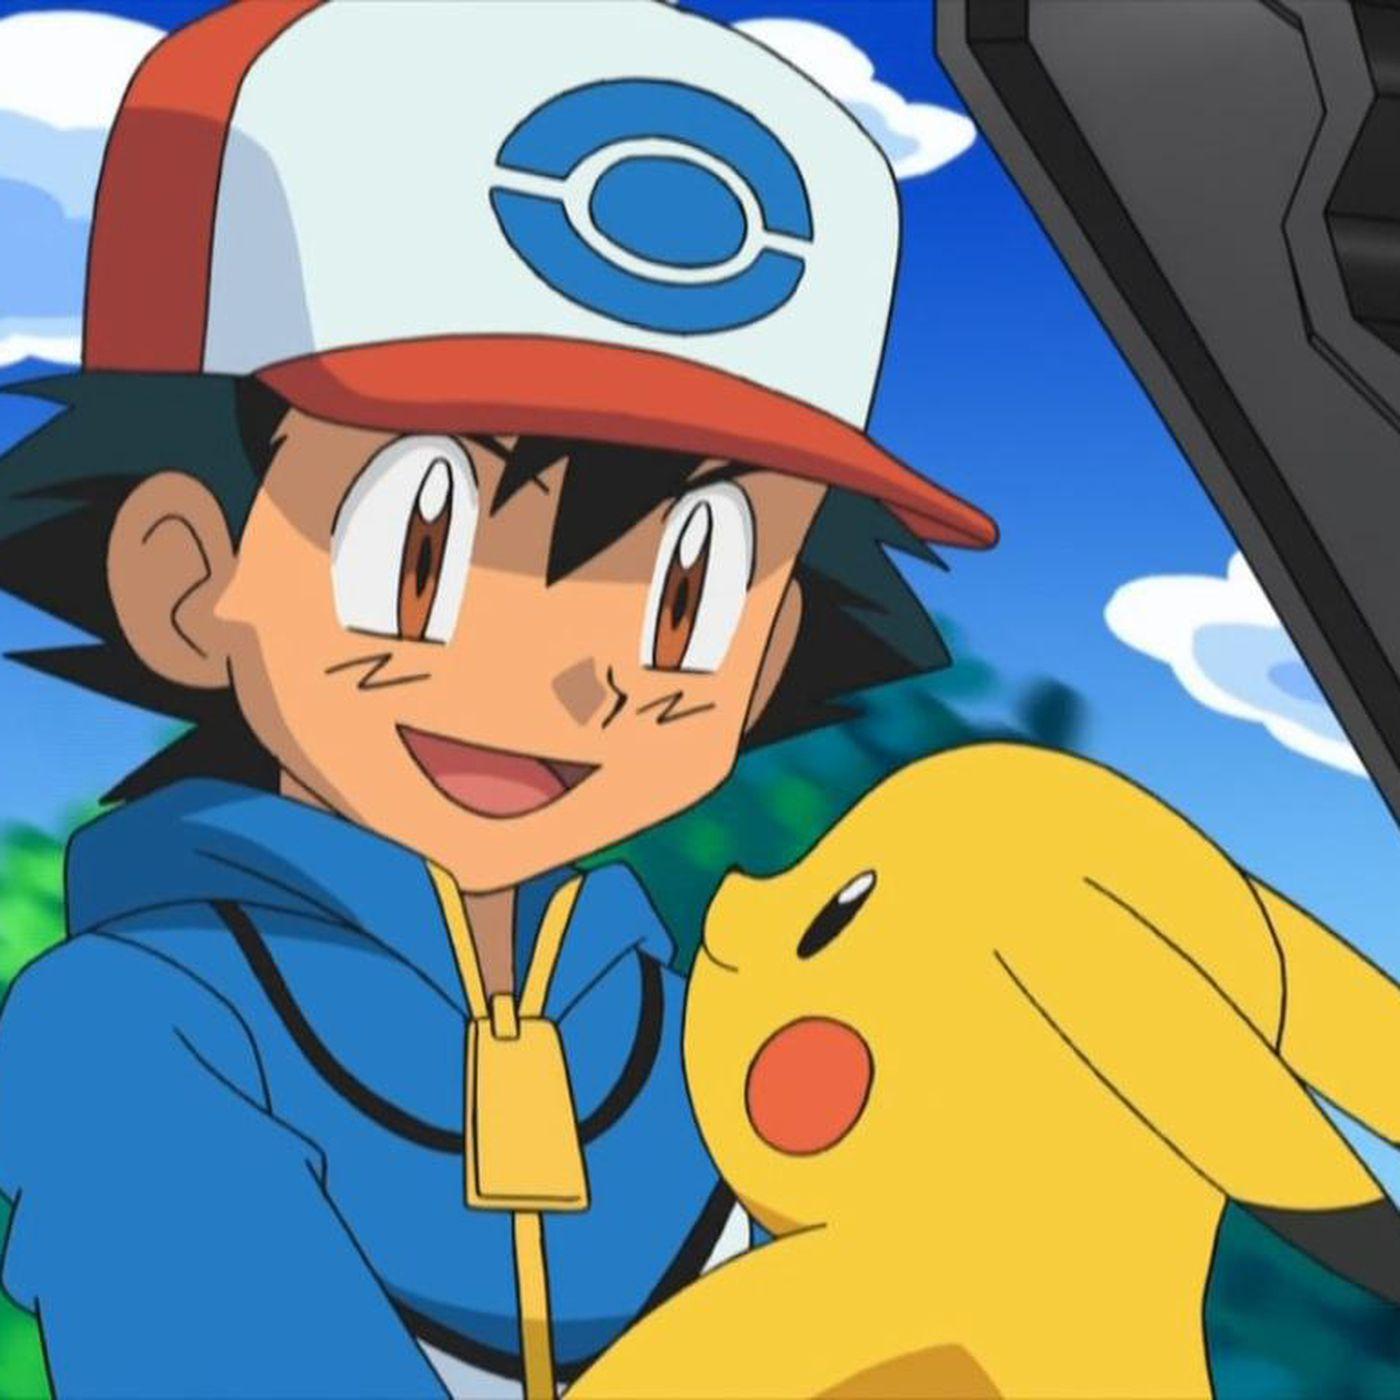 Pokemon with Pokémon UNITE